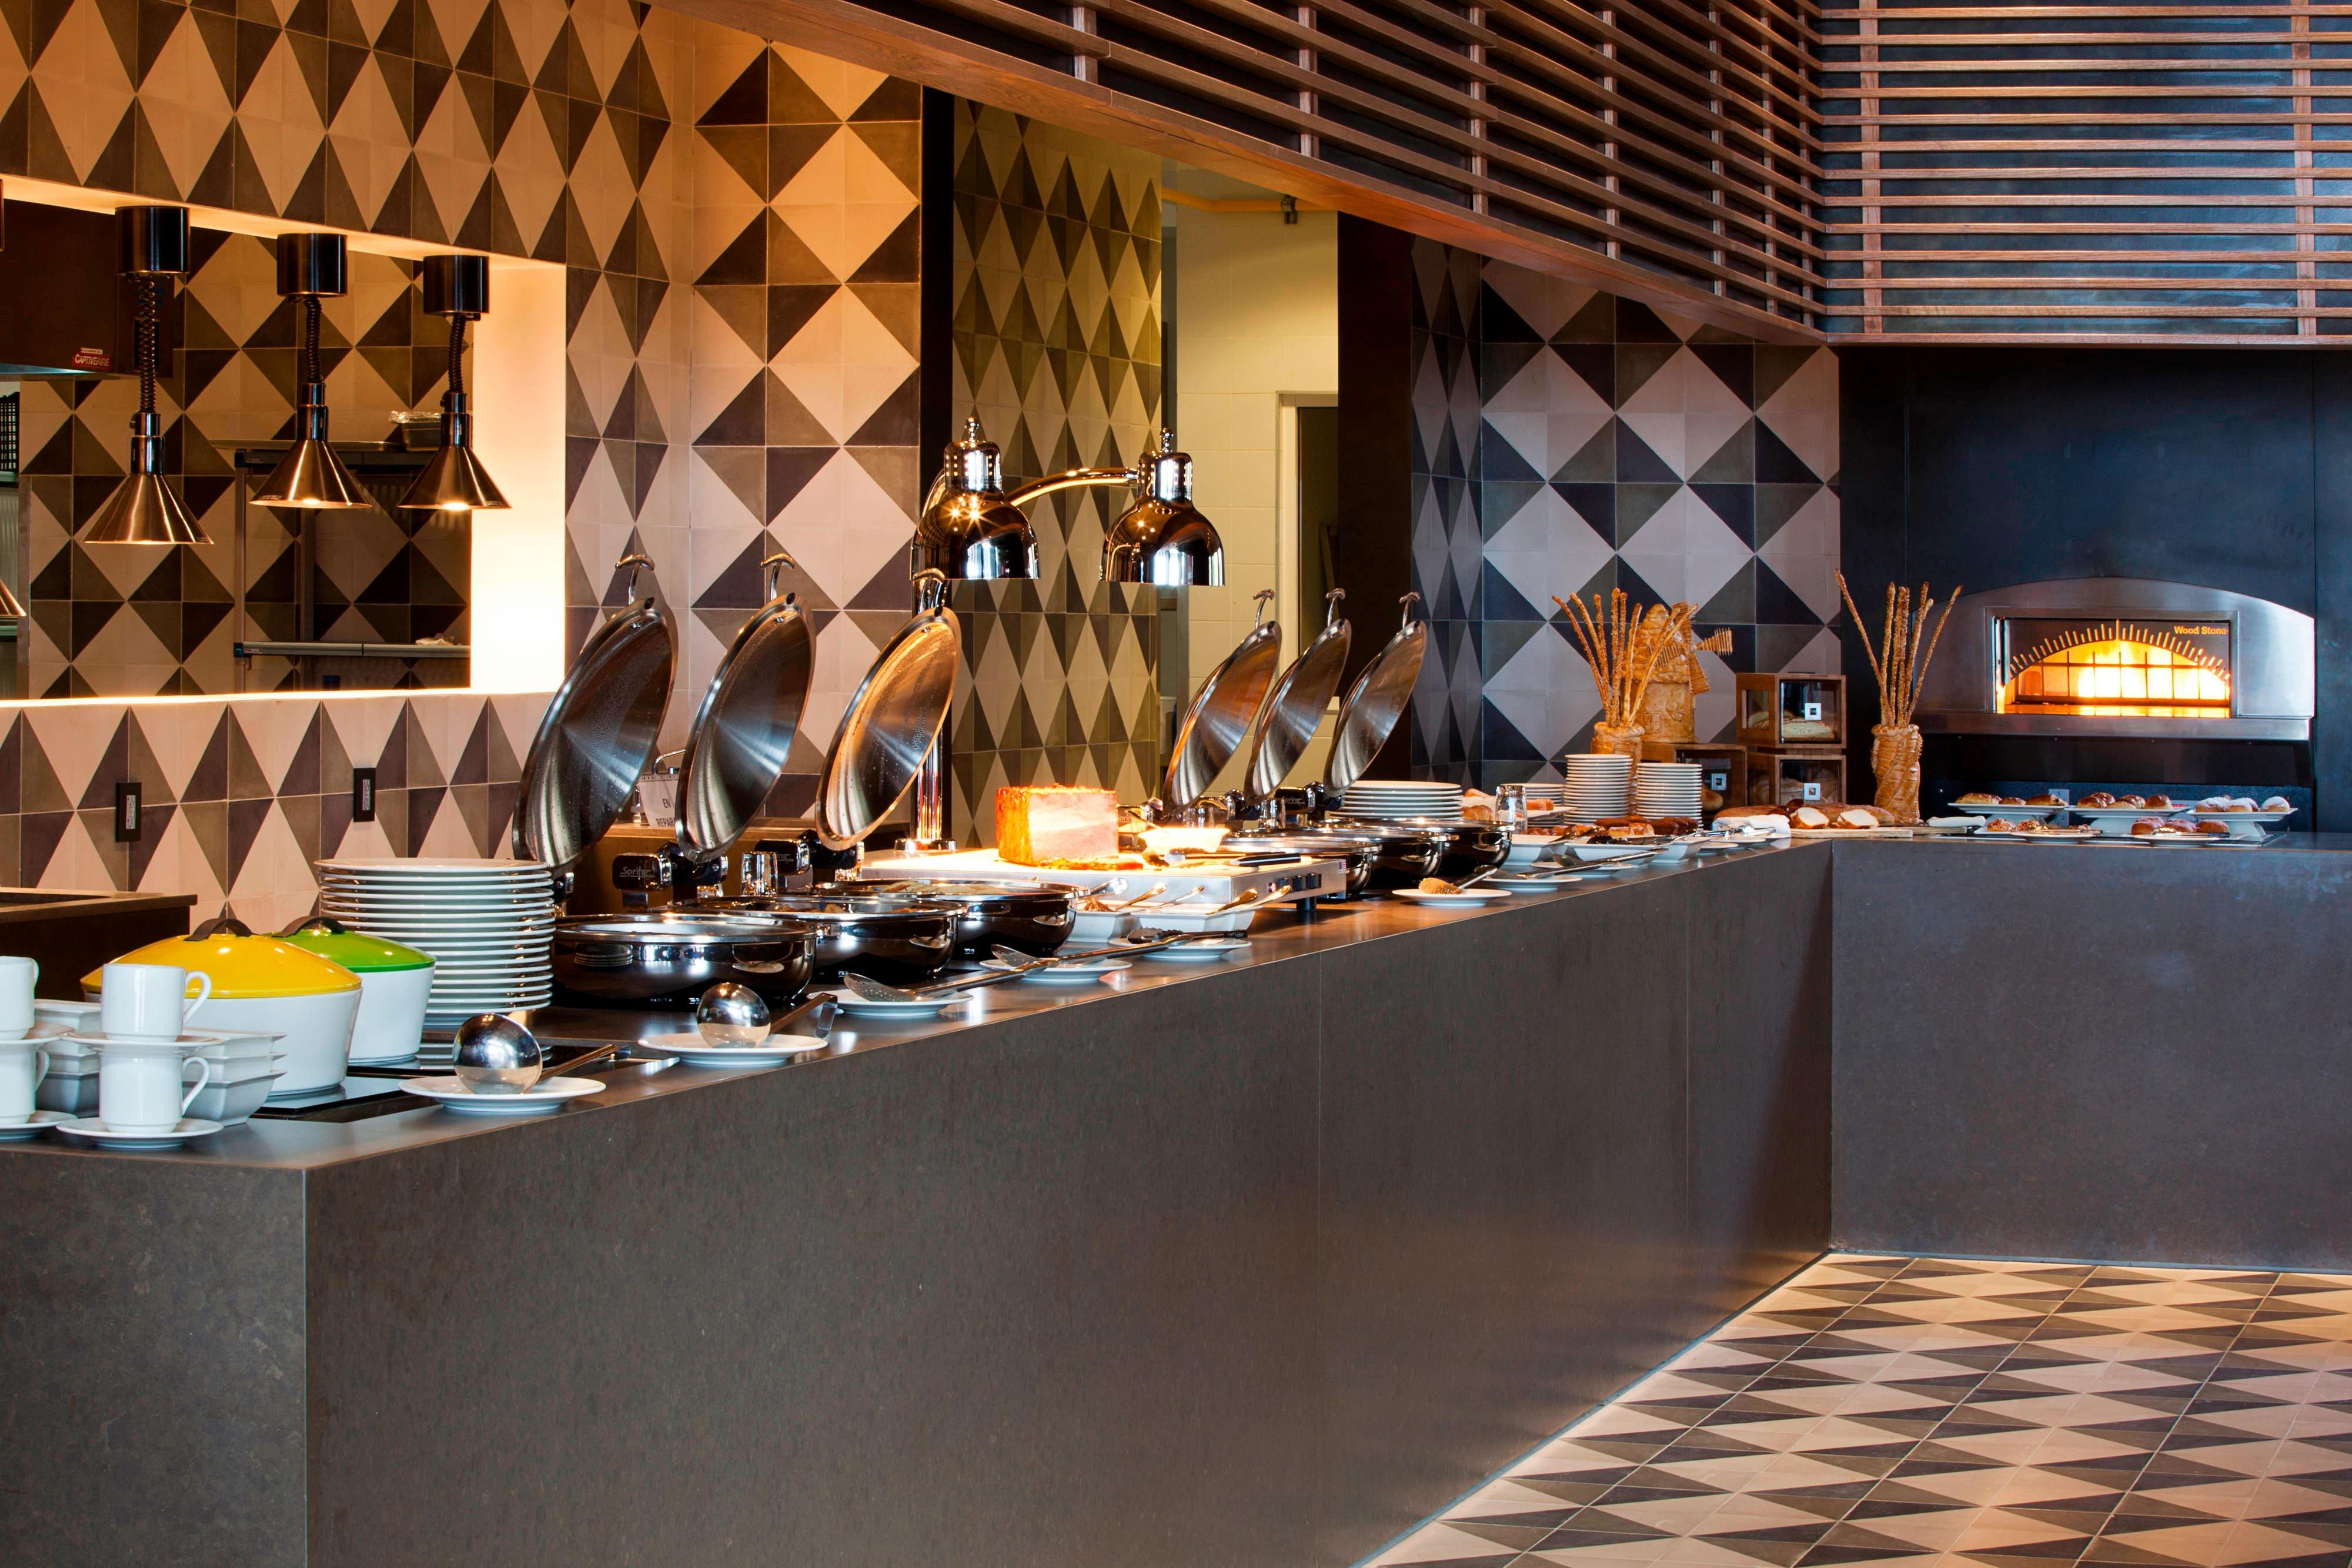 Restaurante Úa Culinary Artisans - Bufet